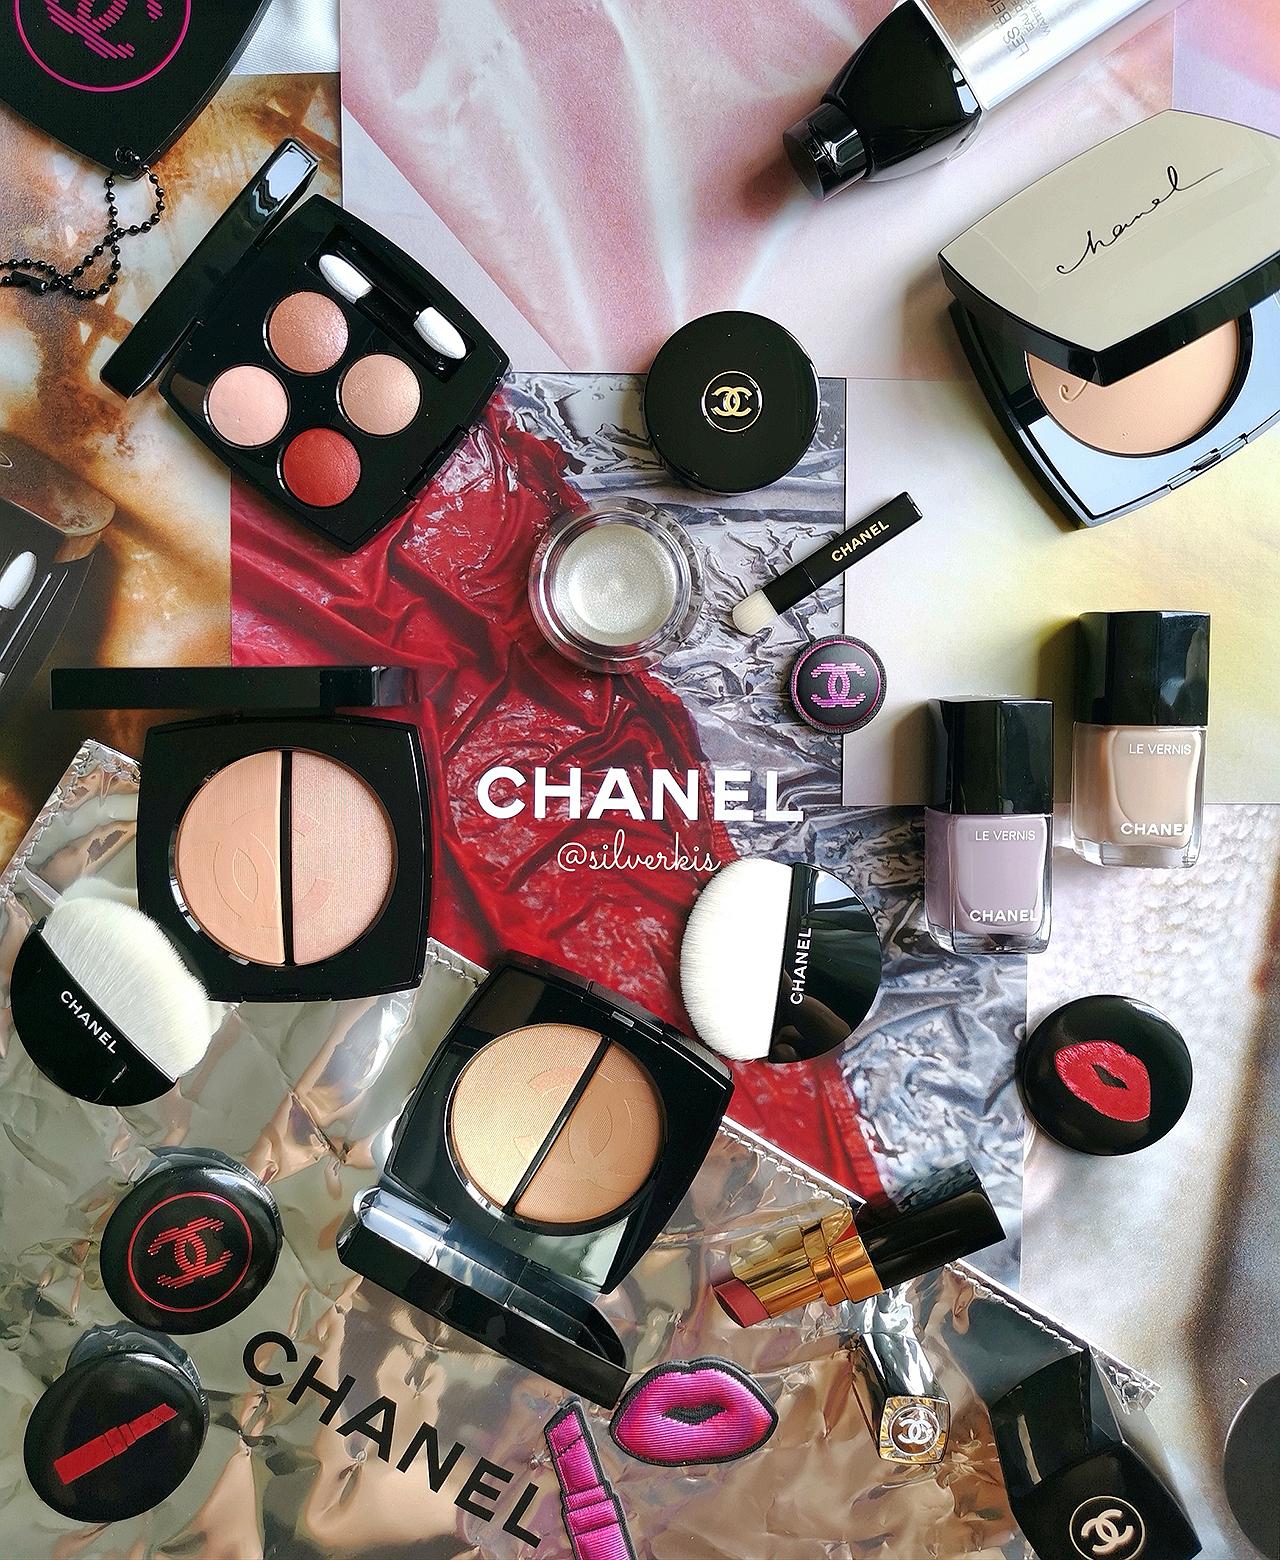 Chanel Cruise 2019 Lumiere et Contraste